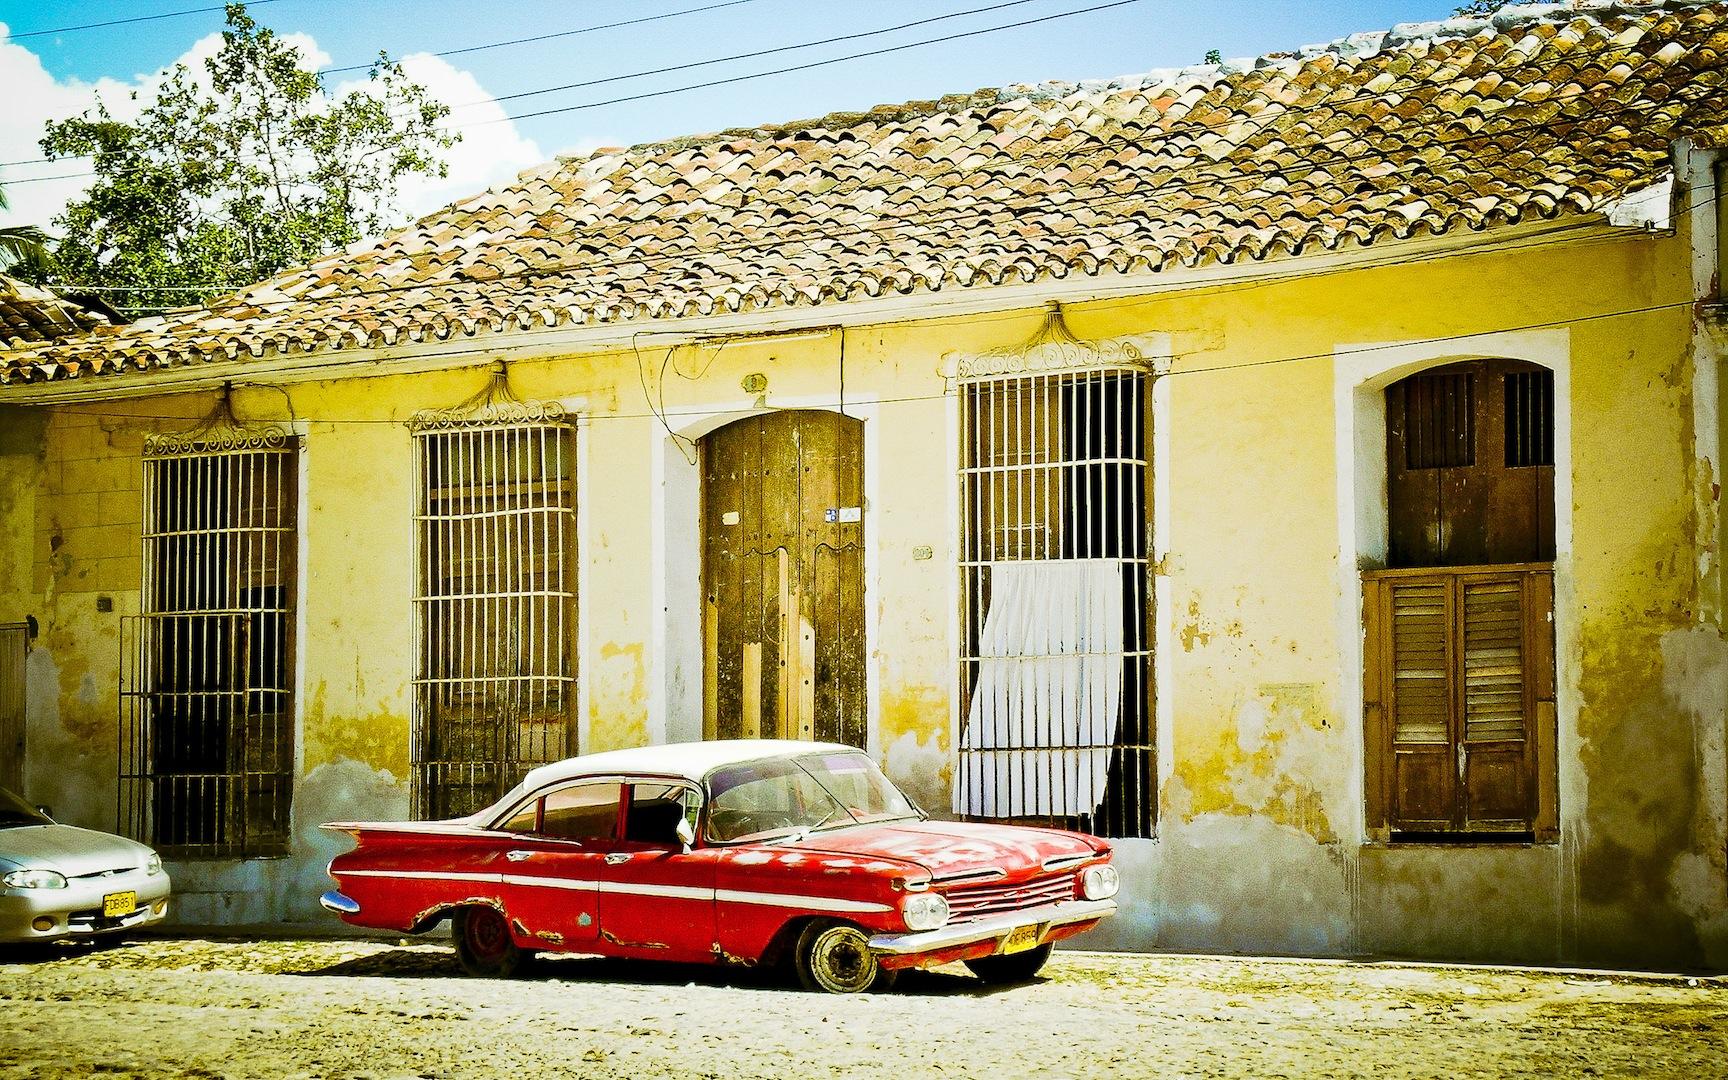 Cuba-06-DSCN7605